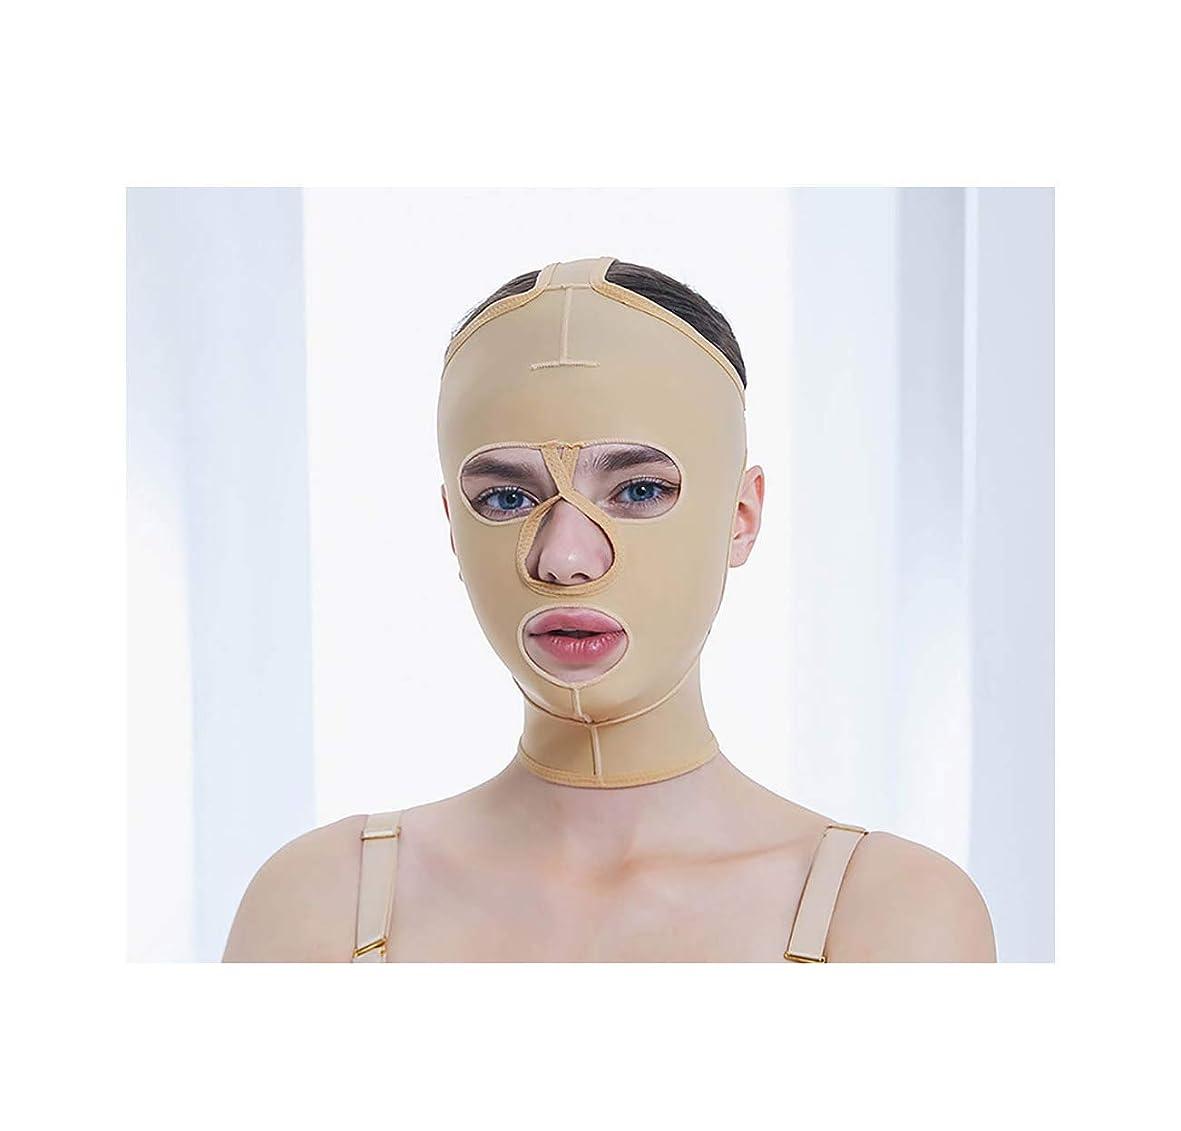 ランチョン困難職業フェイス&ネックリフト、減量フェイスマスク脂肪吸引術脂肪吸引整形マスクフードフェイスリフティングアーティファクトVフェイスビームフェイス弾性スリーブ(サイズ:XS),S